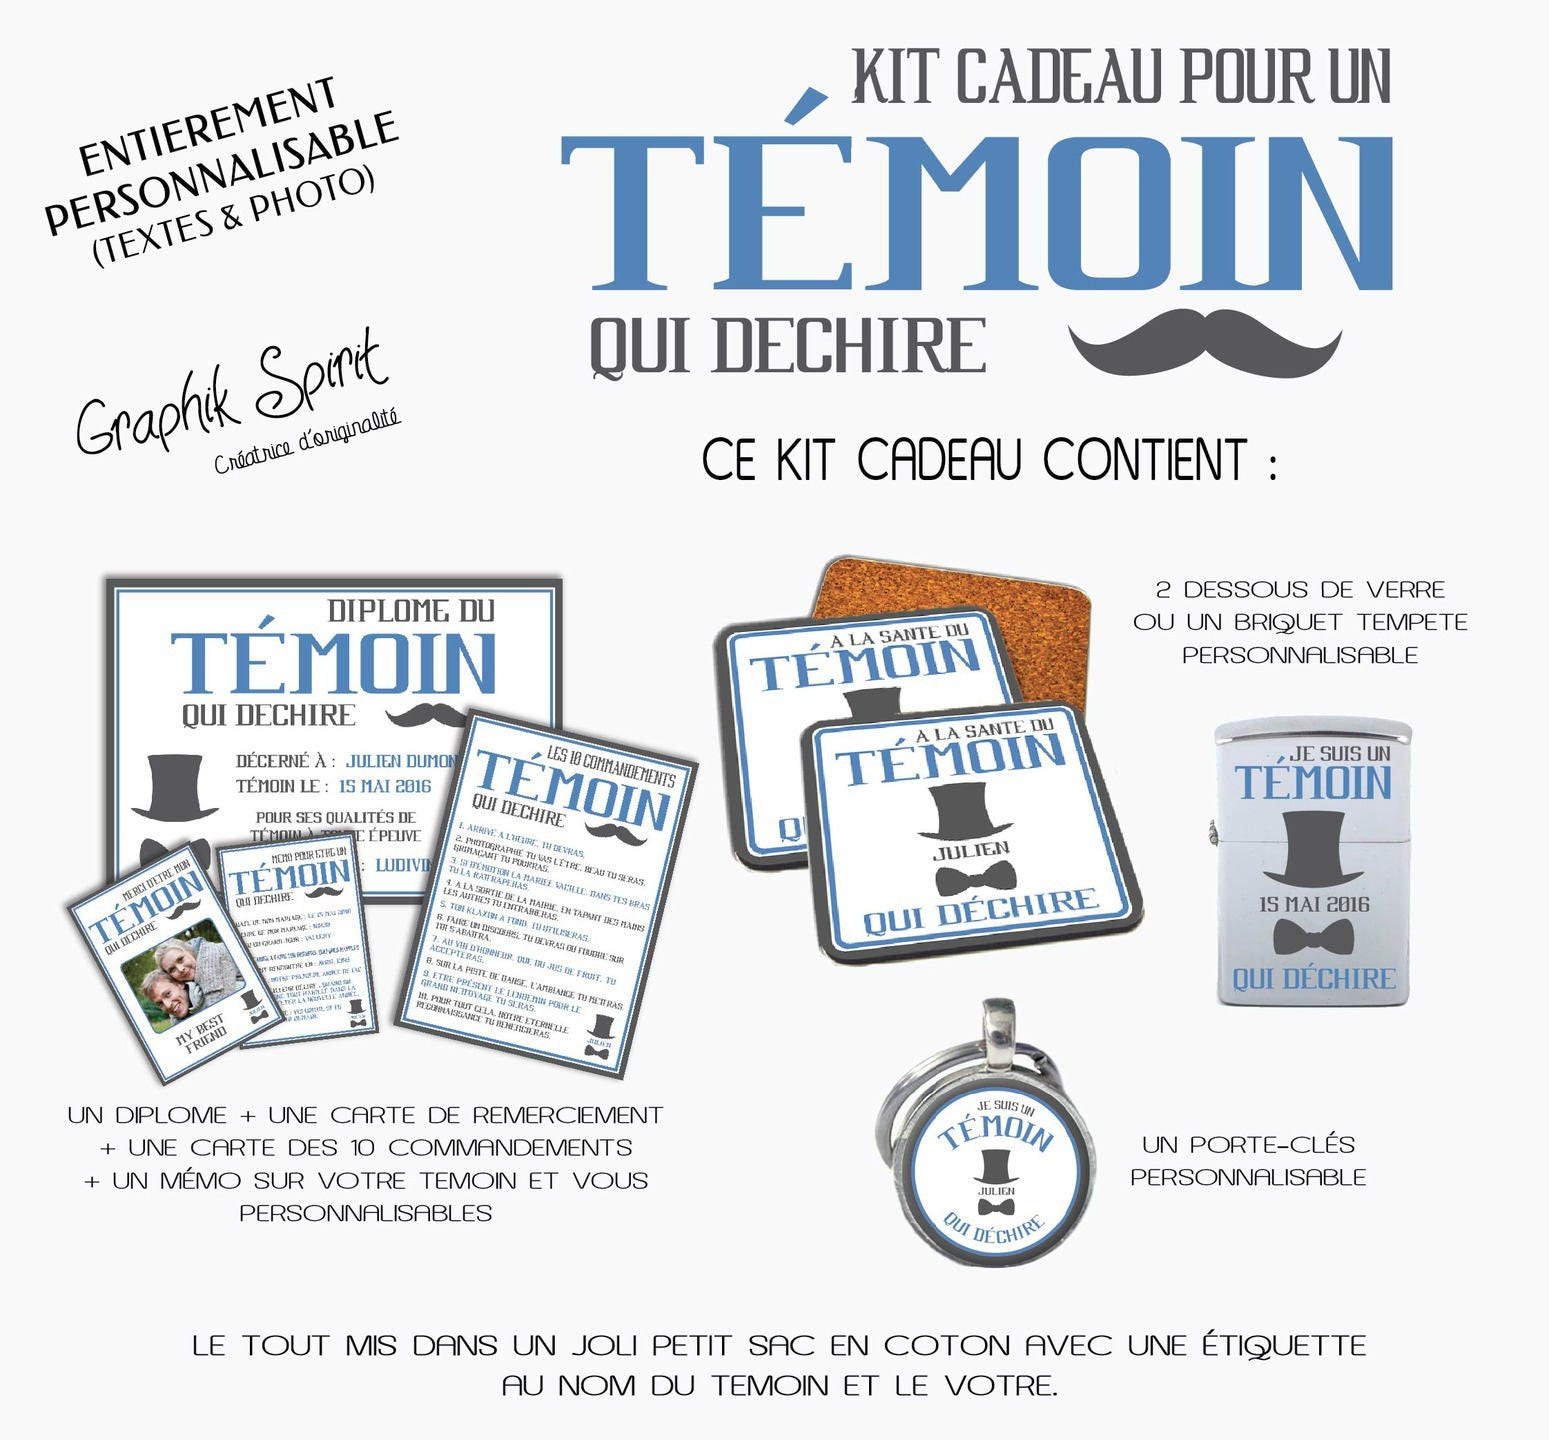 Extrêmement Kit Cadeaux pour TEMOIN HOMME A offrir à son témoin de UP55